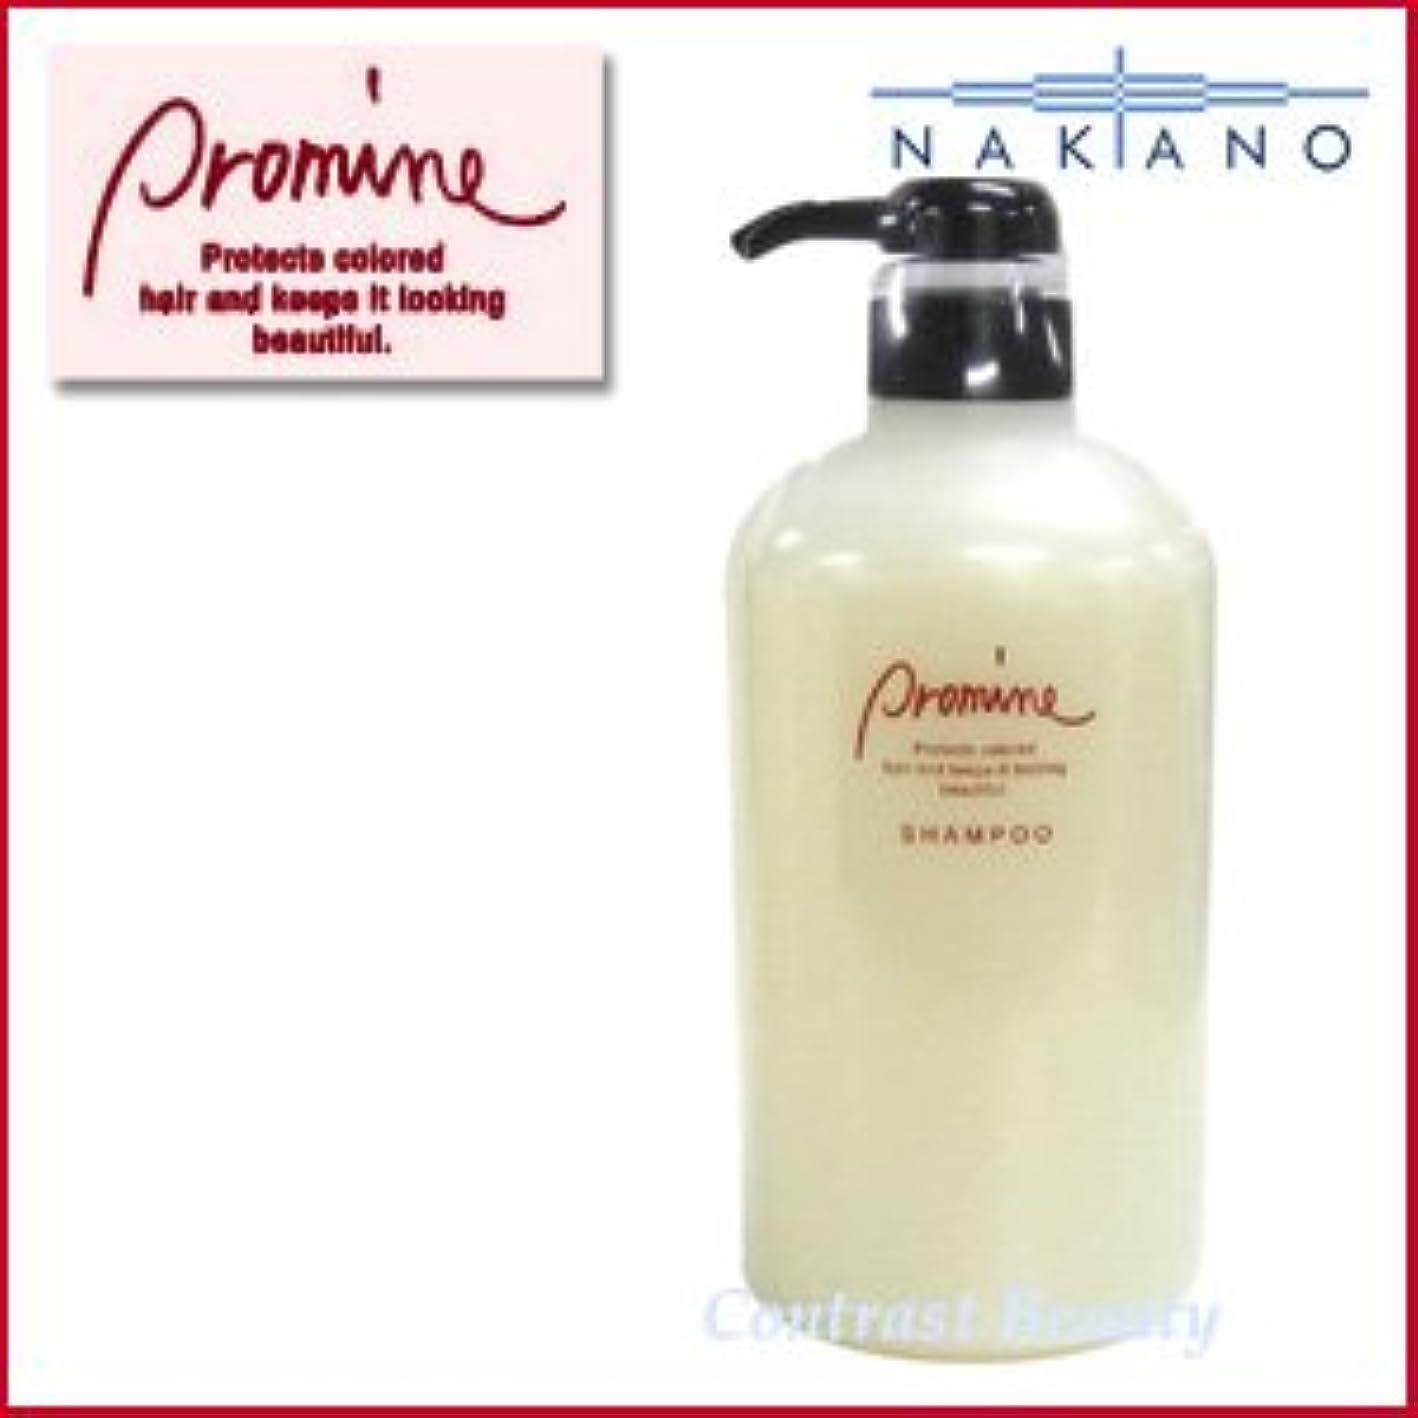 腹補償どんなときも【X2個セット】 ナカノ プロマイン シャンプー 760ml 【ヘアケア Hair care 中野製薬株式会社 NAKANO】